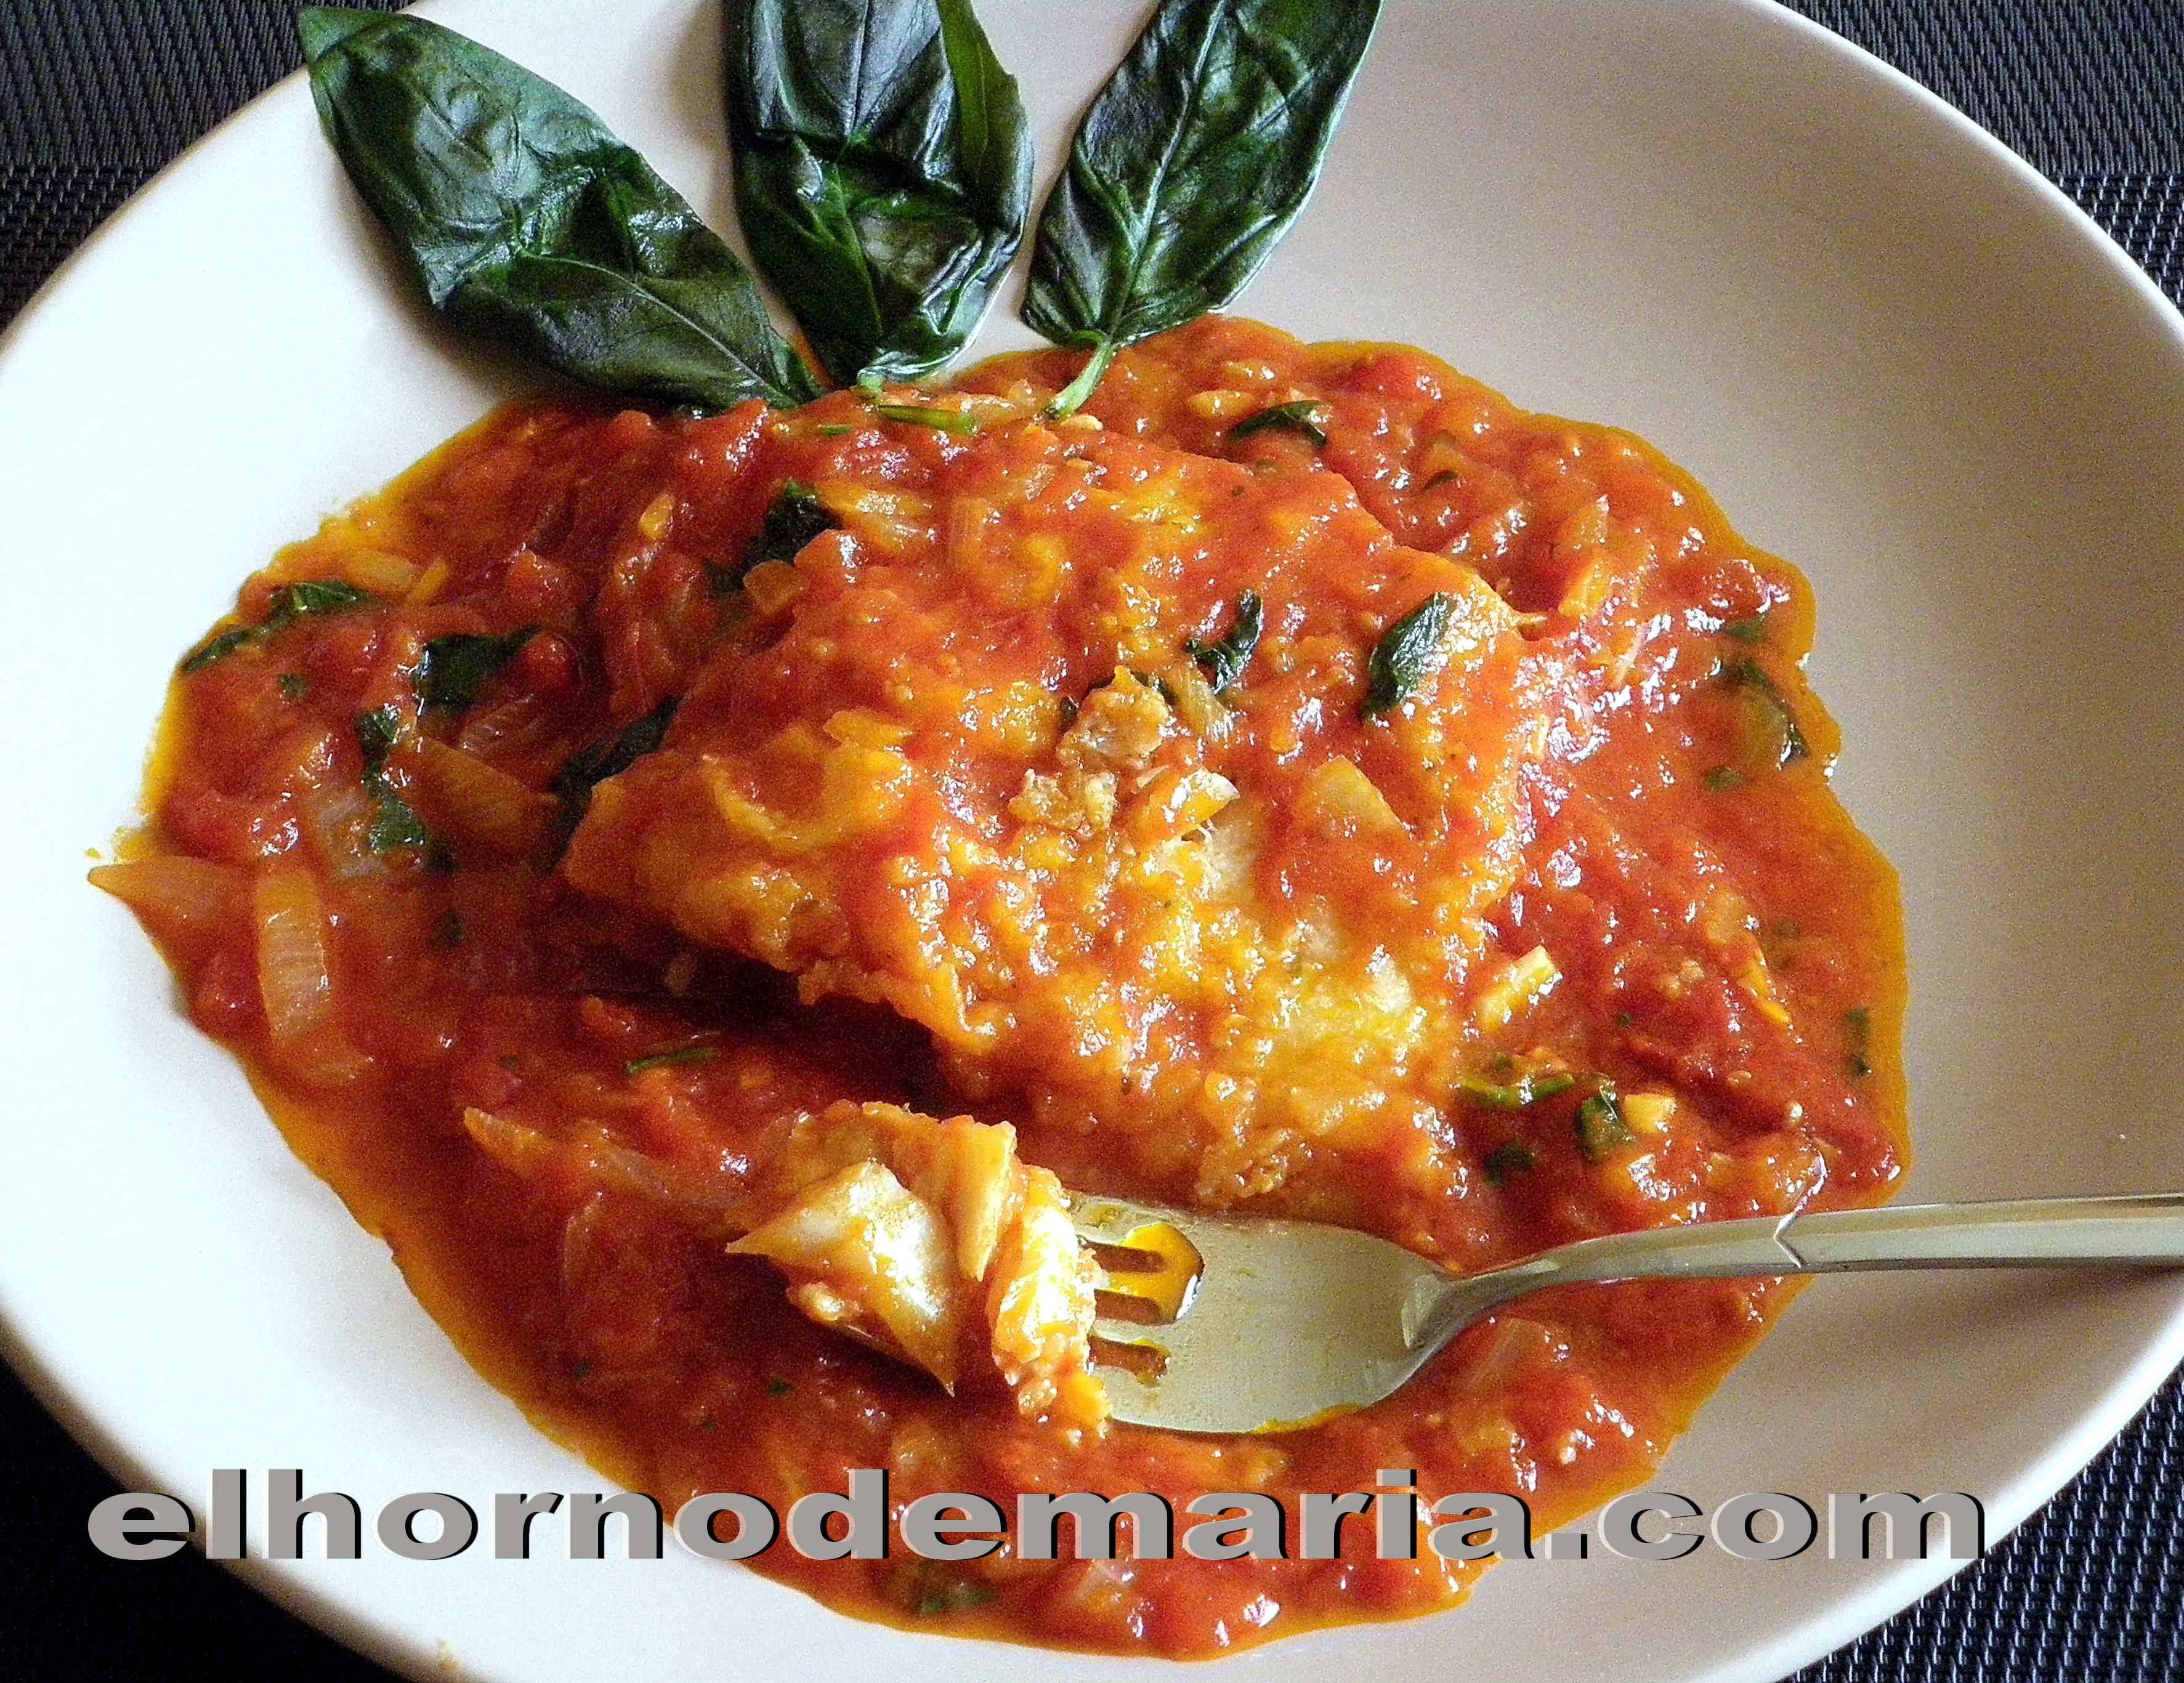 Bacalao con tomate a la albahaca el horno de mar a - Bacalao fresco con tomate ...